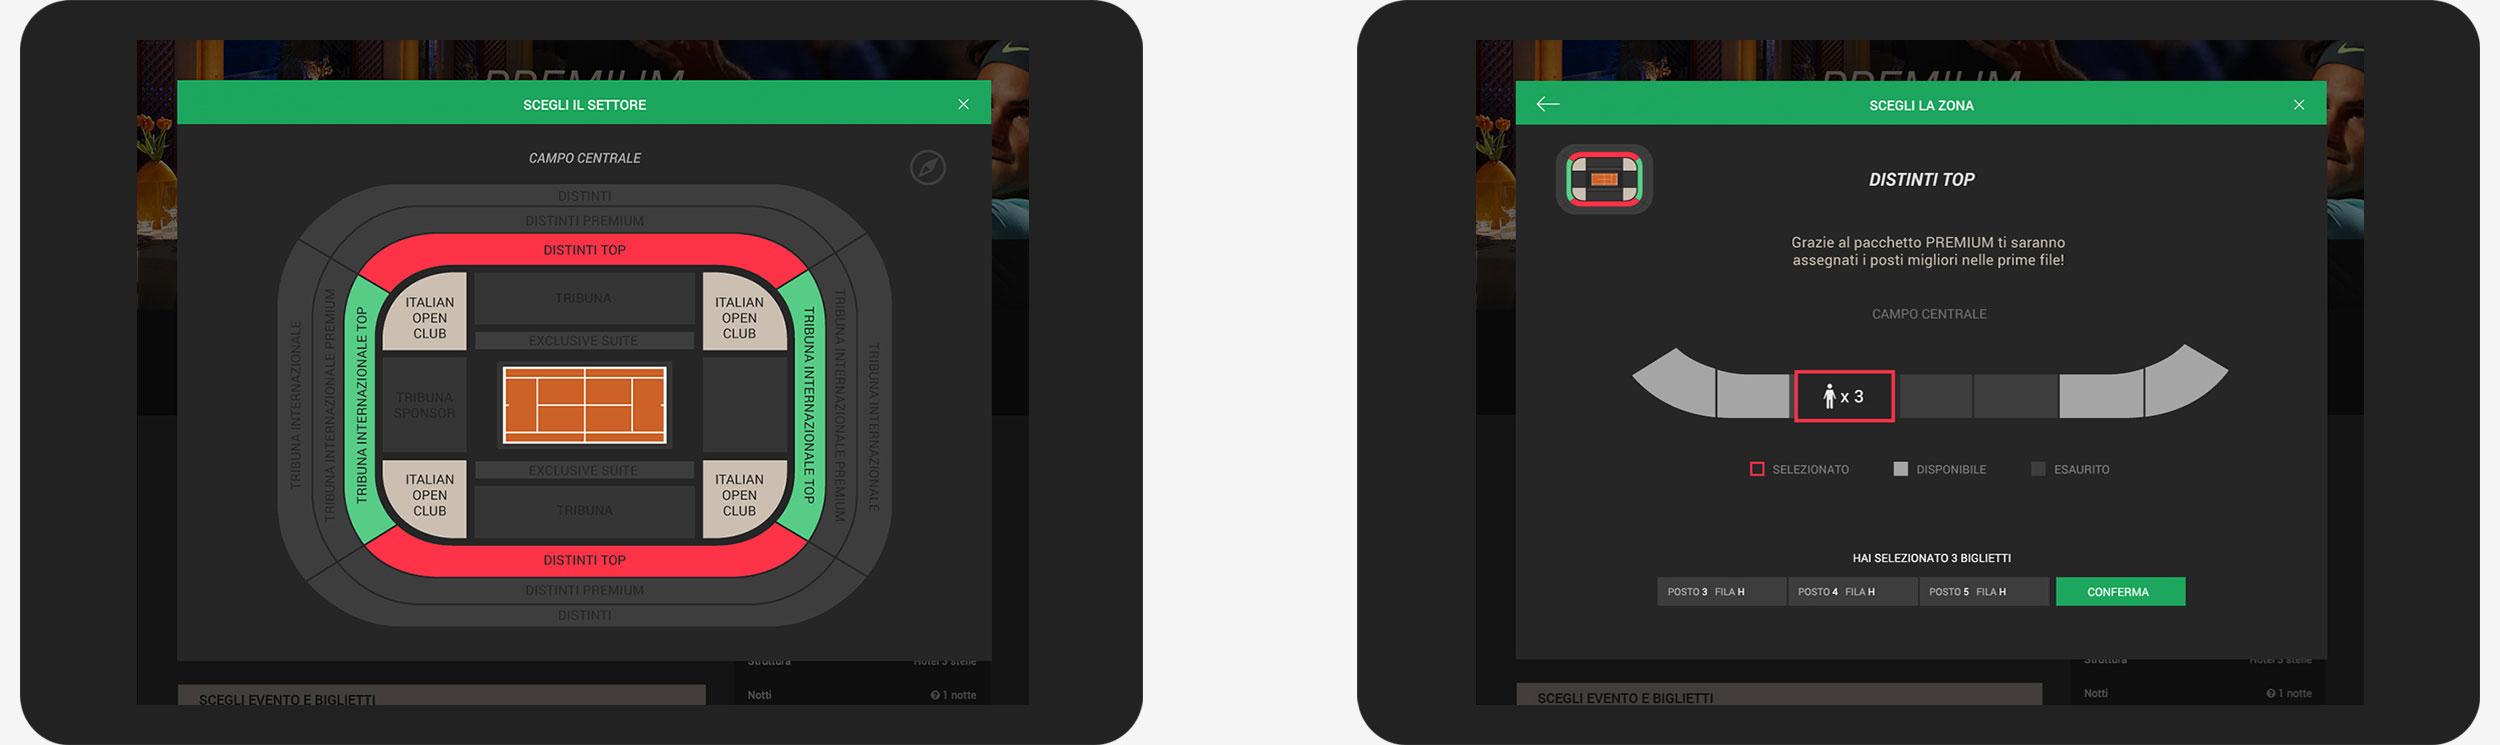 Supersport 2pad-landscape